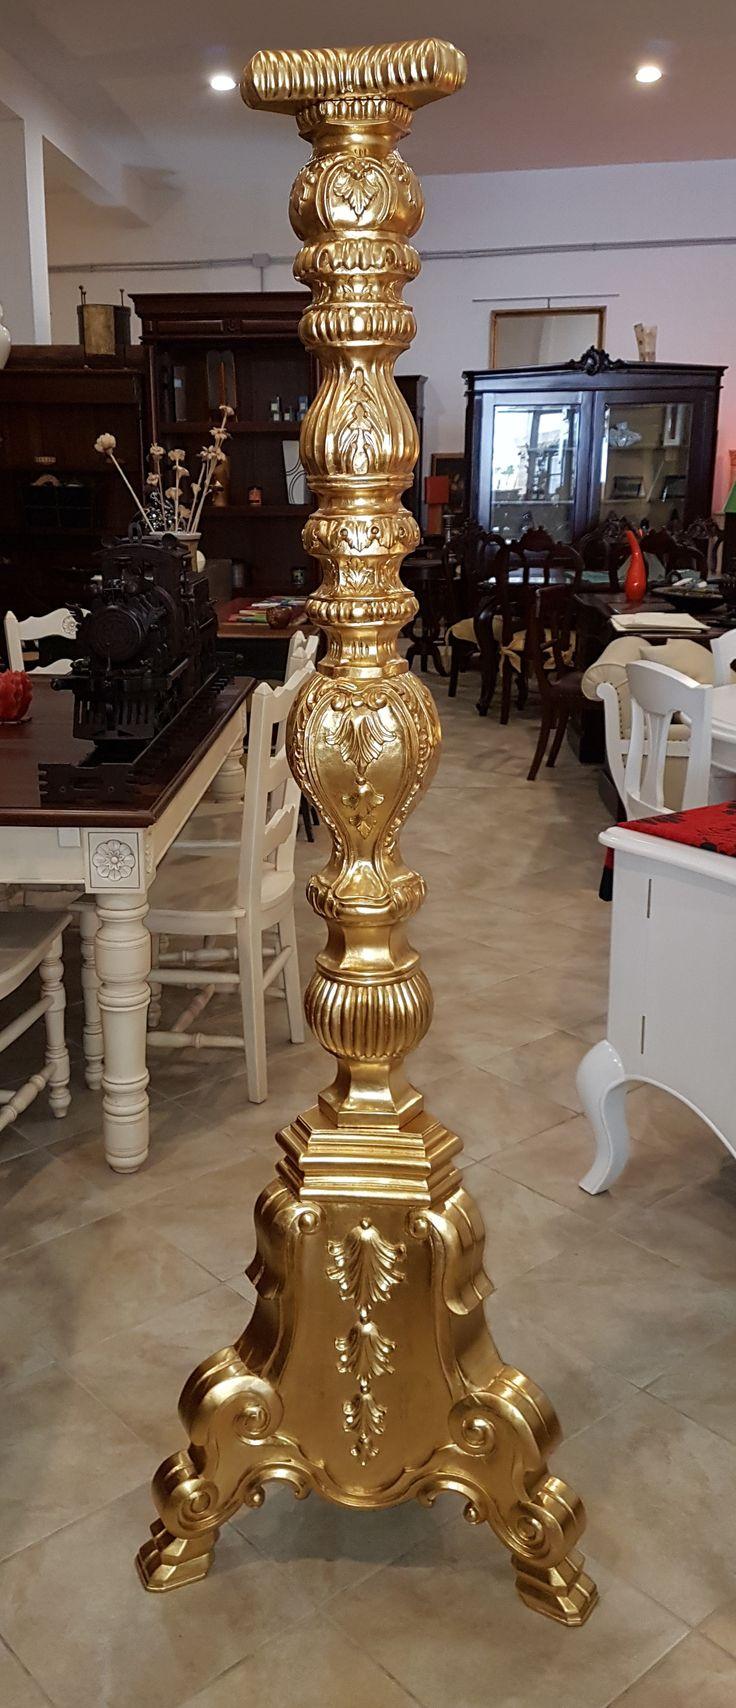 Riproduzione di candelieri antichi - legno massello - intagliati a mano, con applicazione di foglia oro